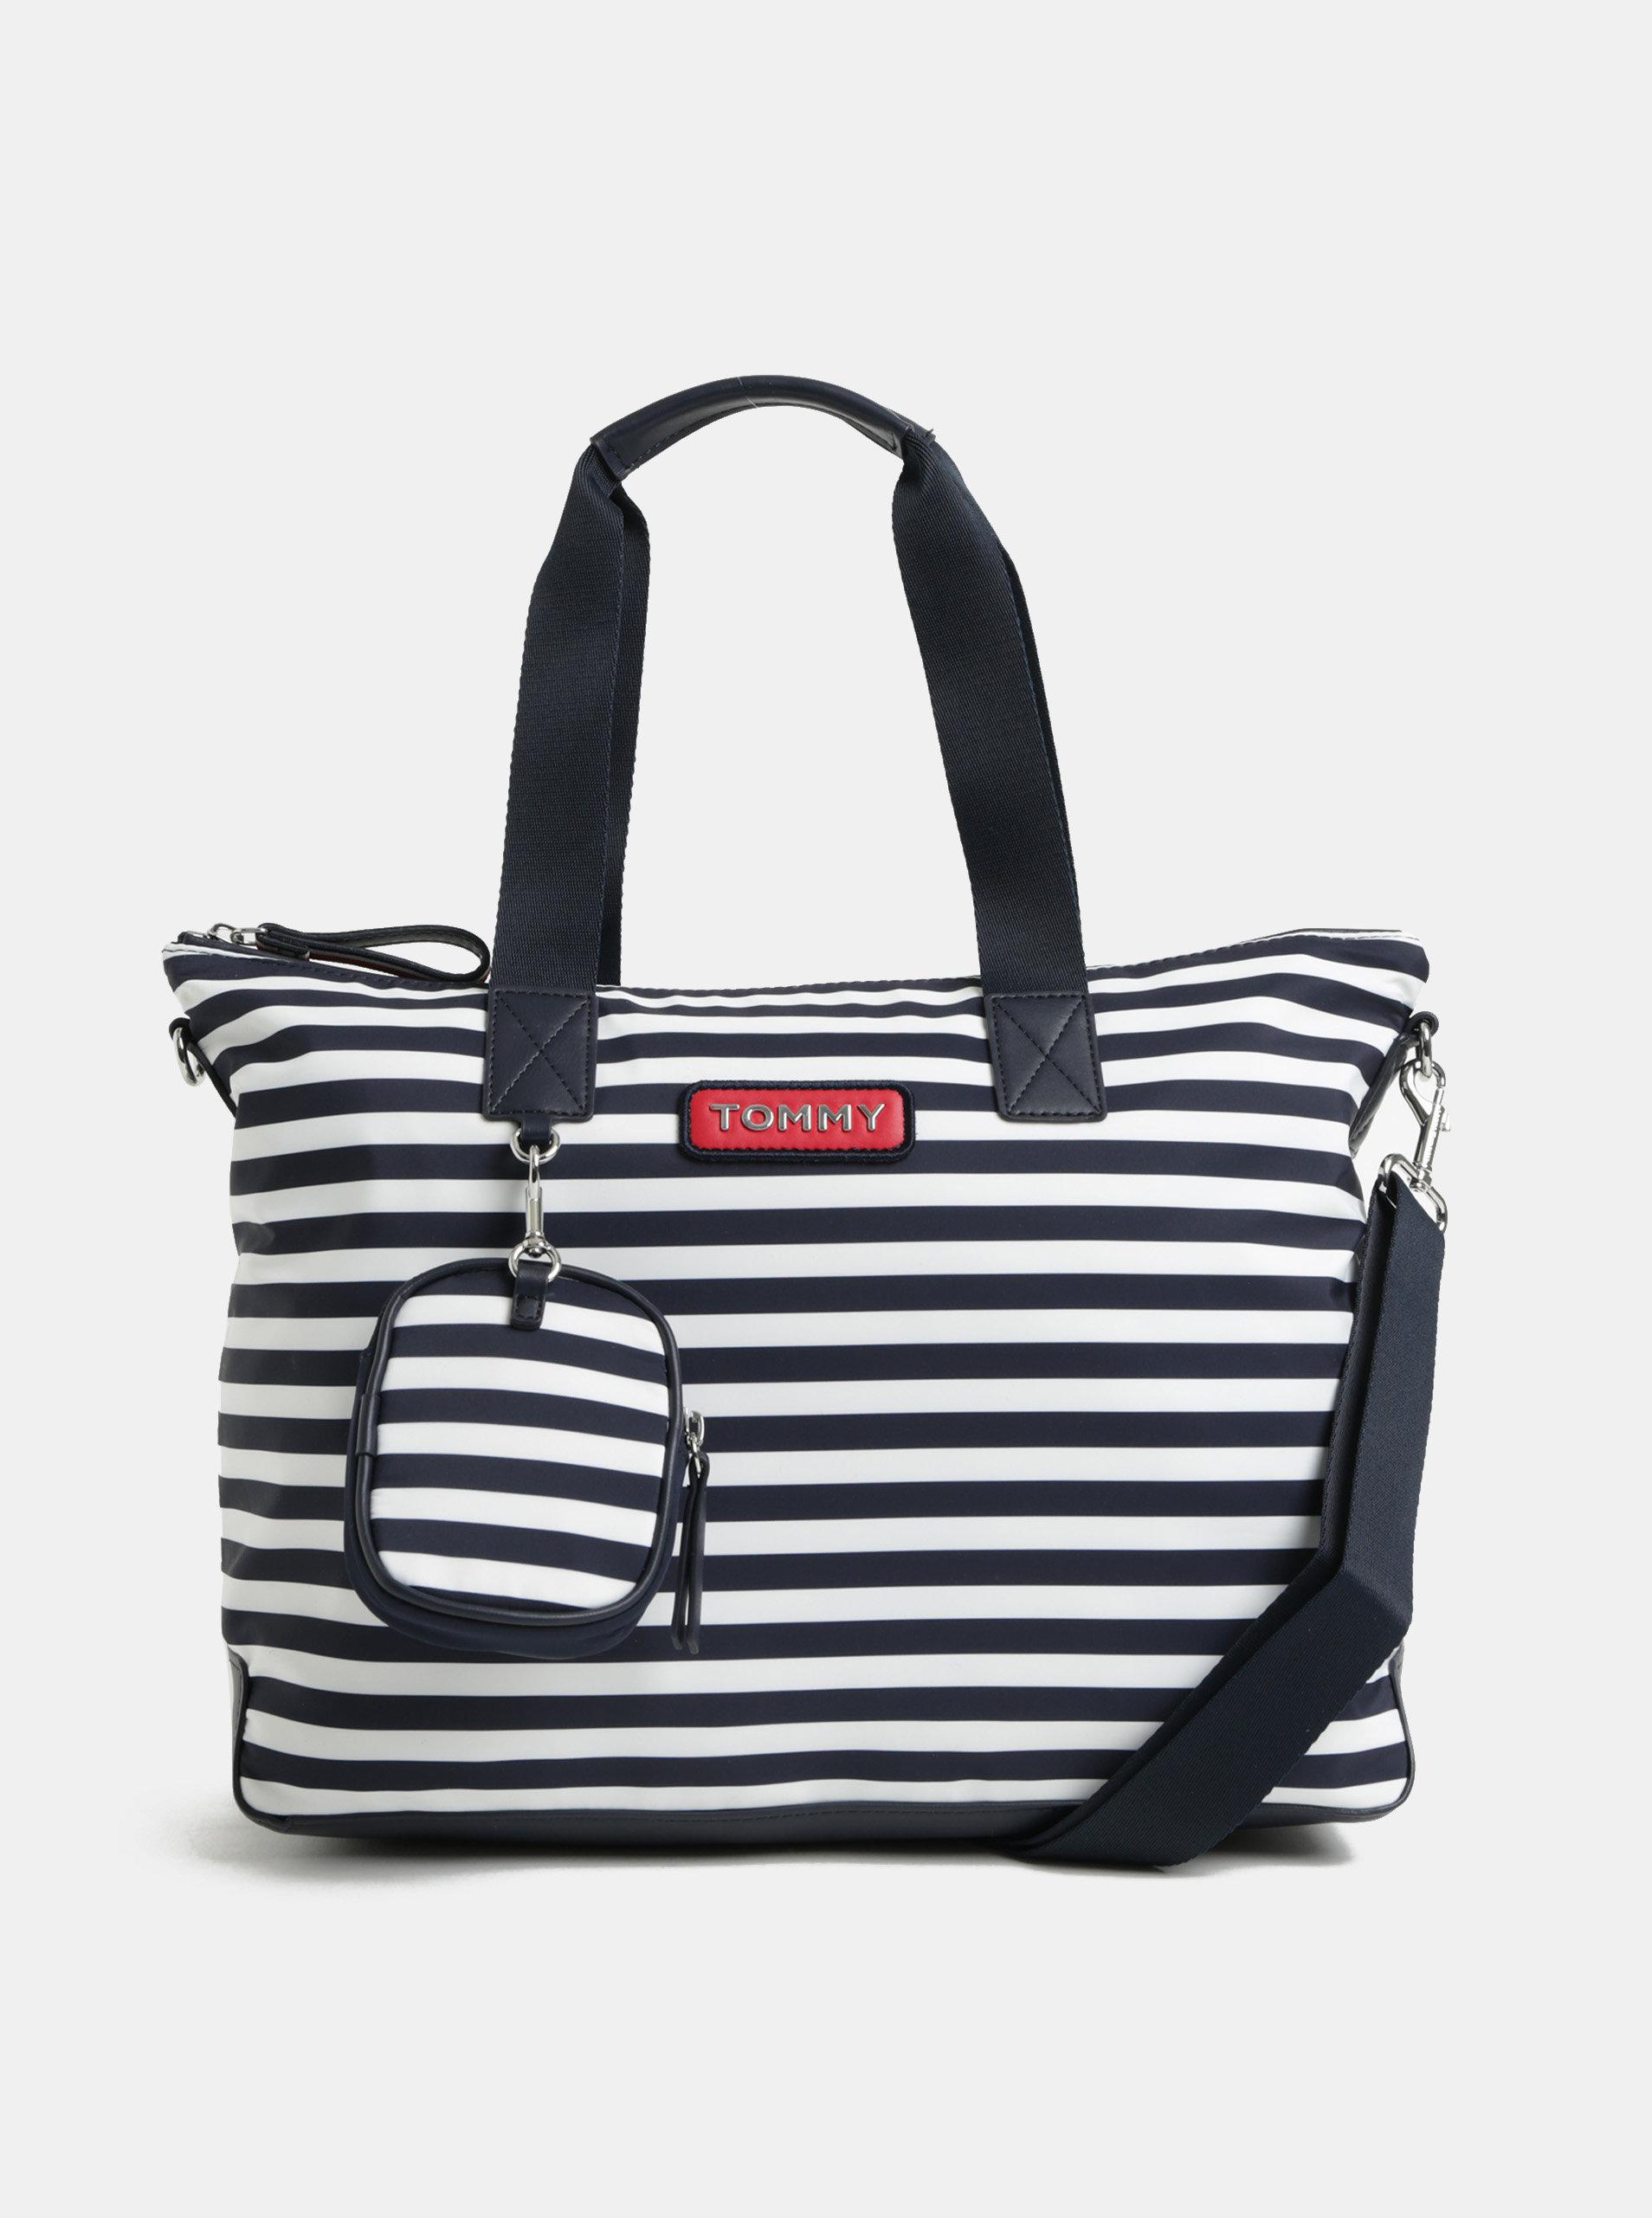 Bielo–modrá pruhovaná kabelka s odnímateľným puzdrom Tommy Hilfiger ... caab6c5d8b7